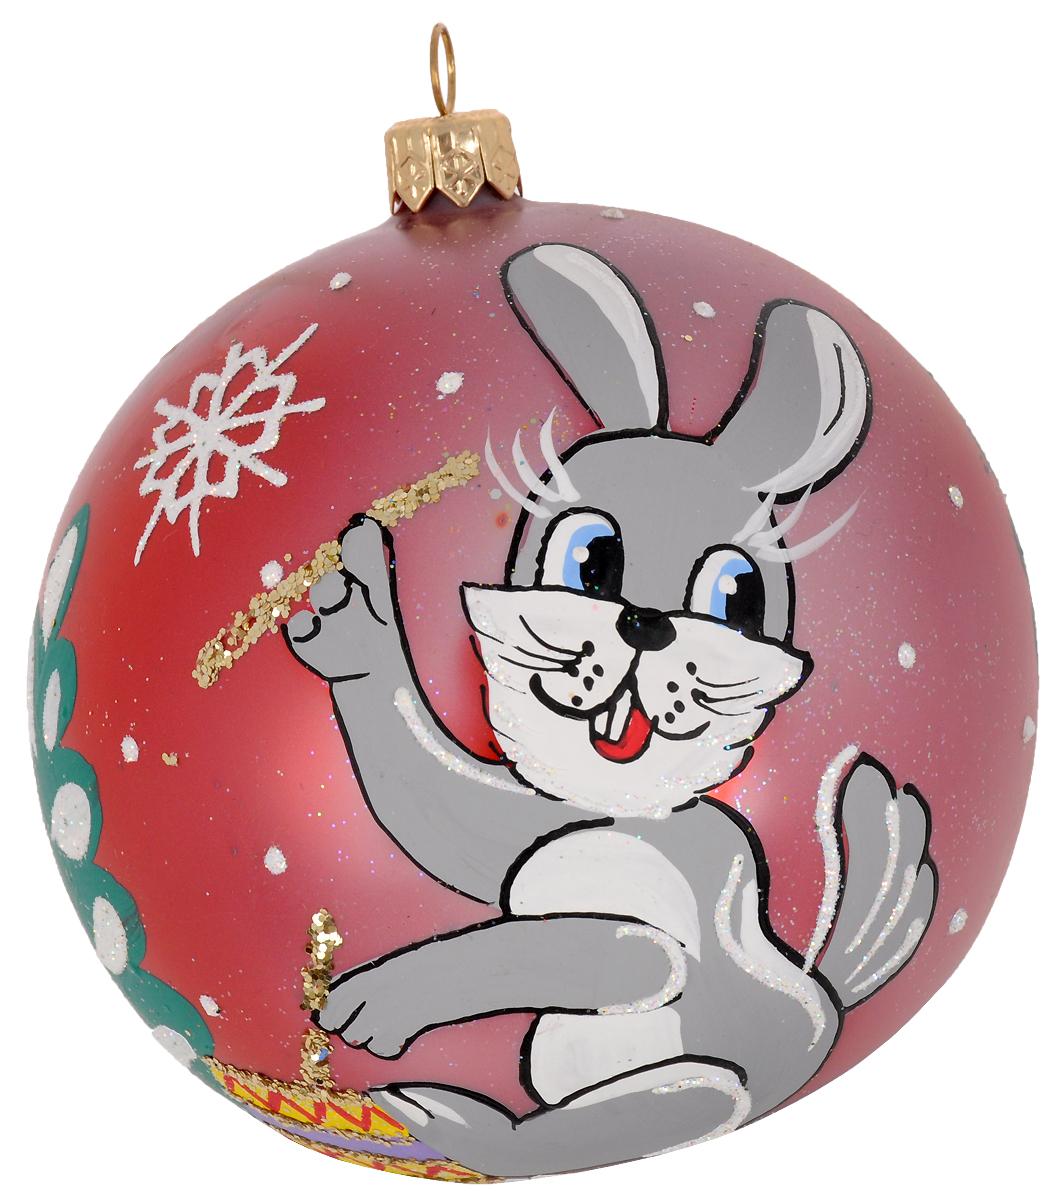 Украшение новогоднее елочное Иней Зайка с барабаном, цвет: красный, диаметр 10 см1519296_красныйНовогоднее подвесное украшение Иней отлично подойдет для декорации вашего дома и новогодней ели. Новогоднее украшение можно повесить в любом понравившемся вам месте. Но, конечно, удачнее всего оно будет смотреться на праздничной елке.Елочная игрушка - символ Нового года. Она несет в себе волшебство и красоту праздника. Такое украшение создаст в вашем доме атмосферу праздника, веселья и радости.